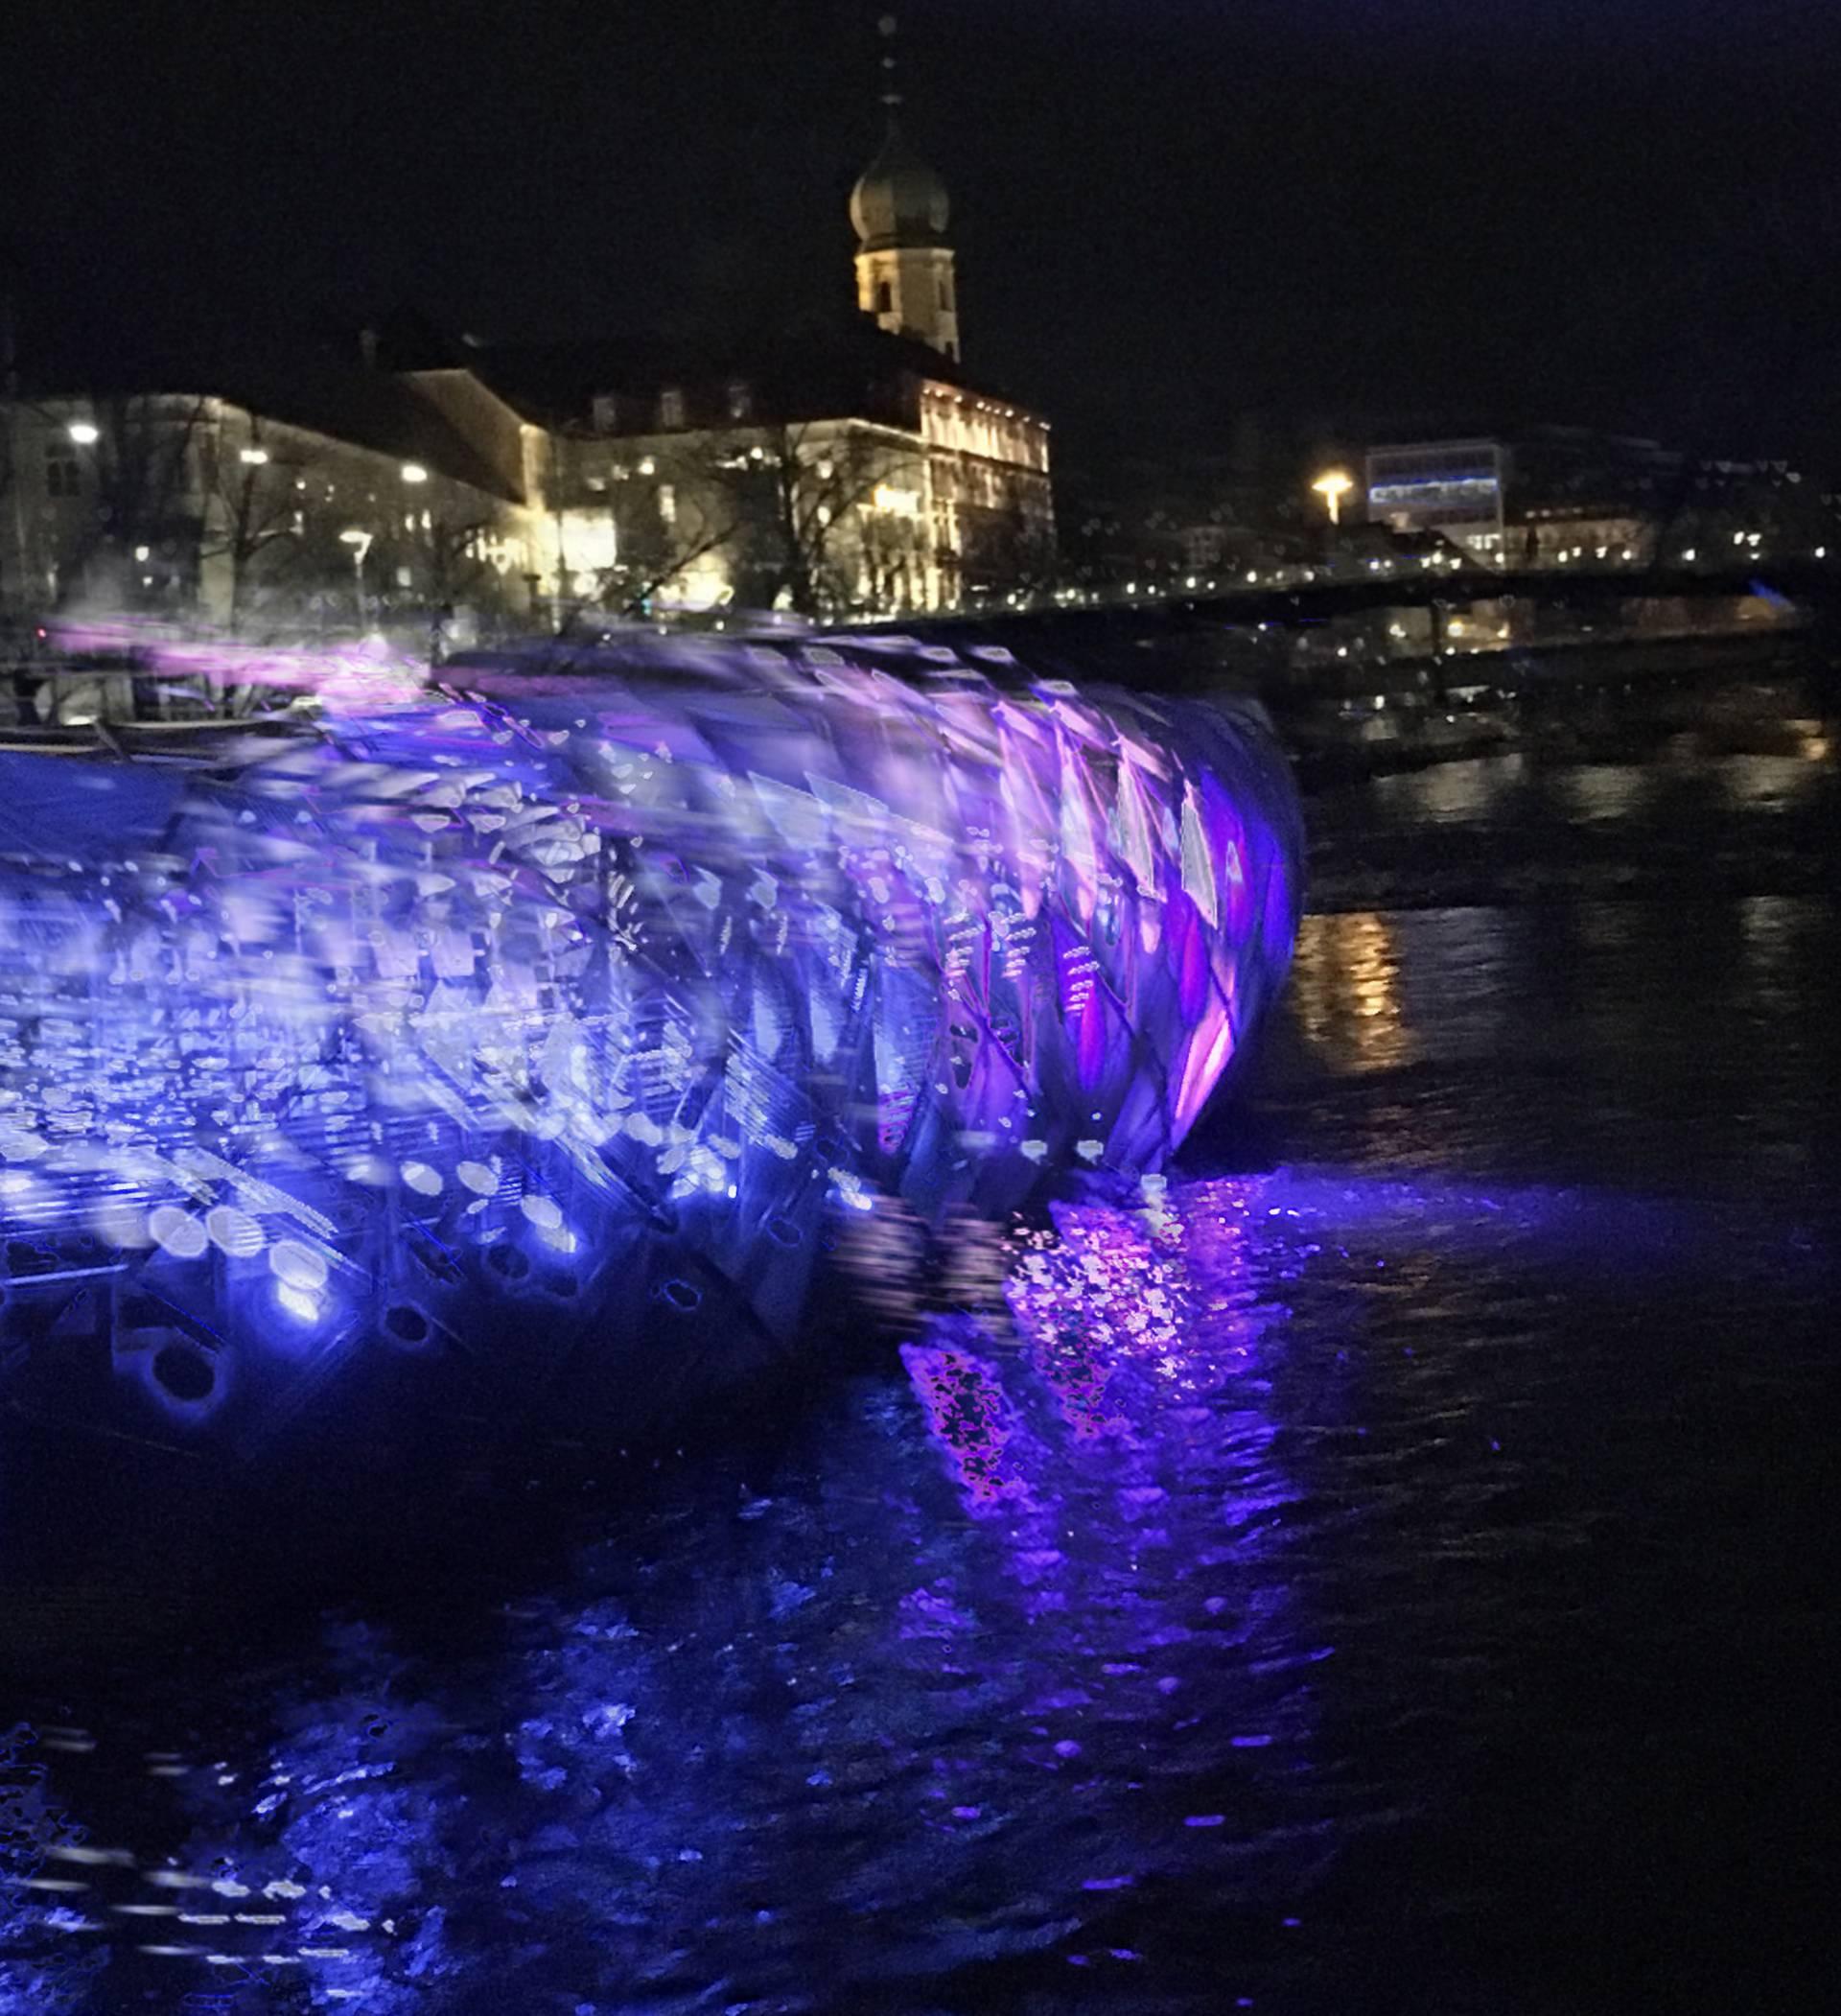 Za 9 dana počinje festival zvuka i svjetla Klanglicht